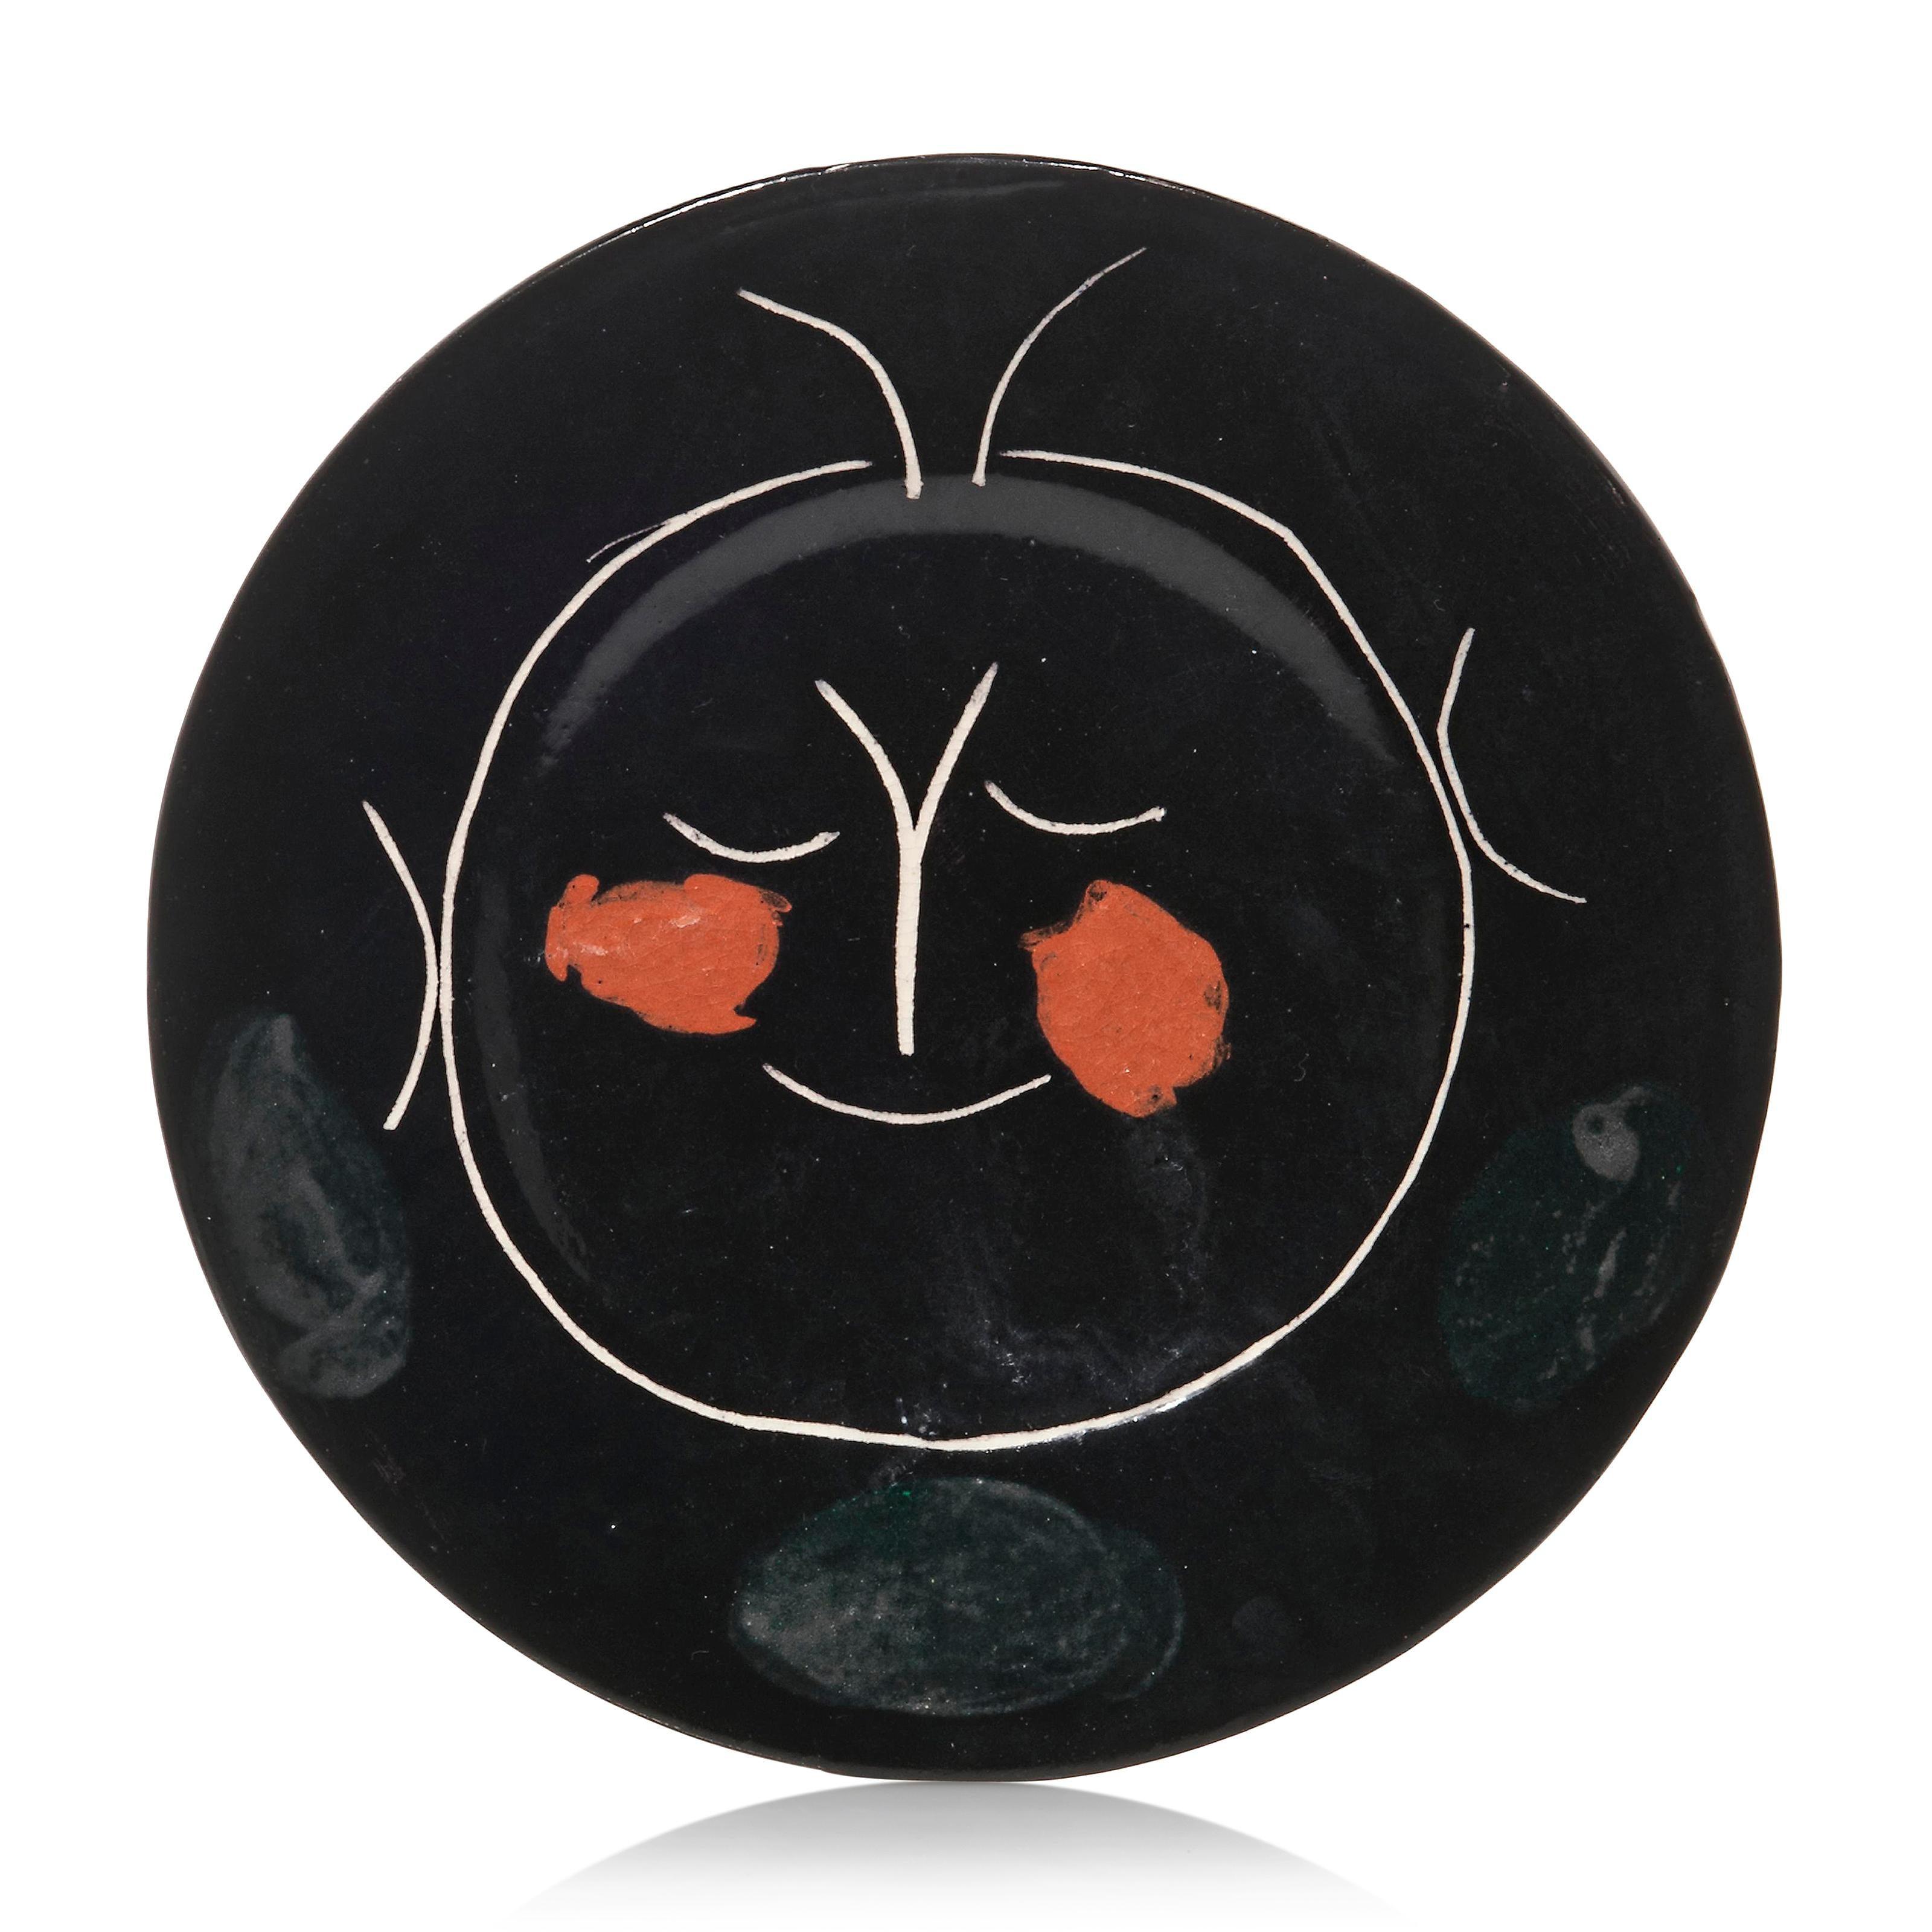 Pablo Picasso Madoura Ceramic Plate - Service Visage Noir, Ramié 36